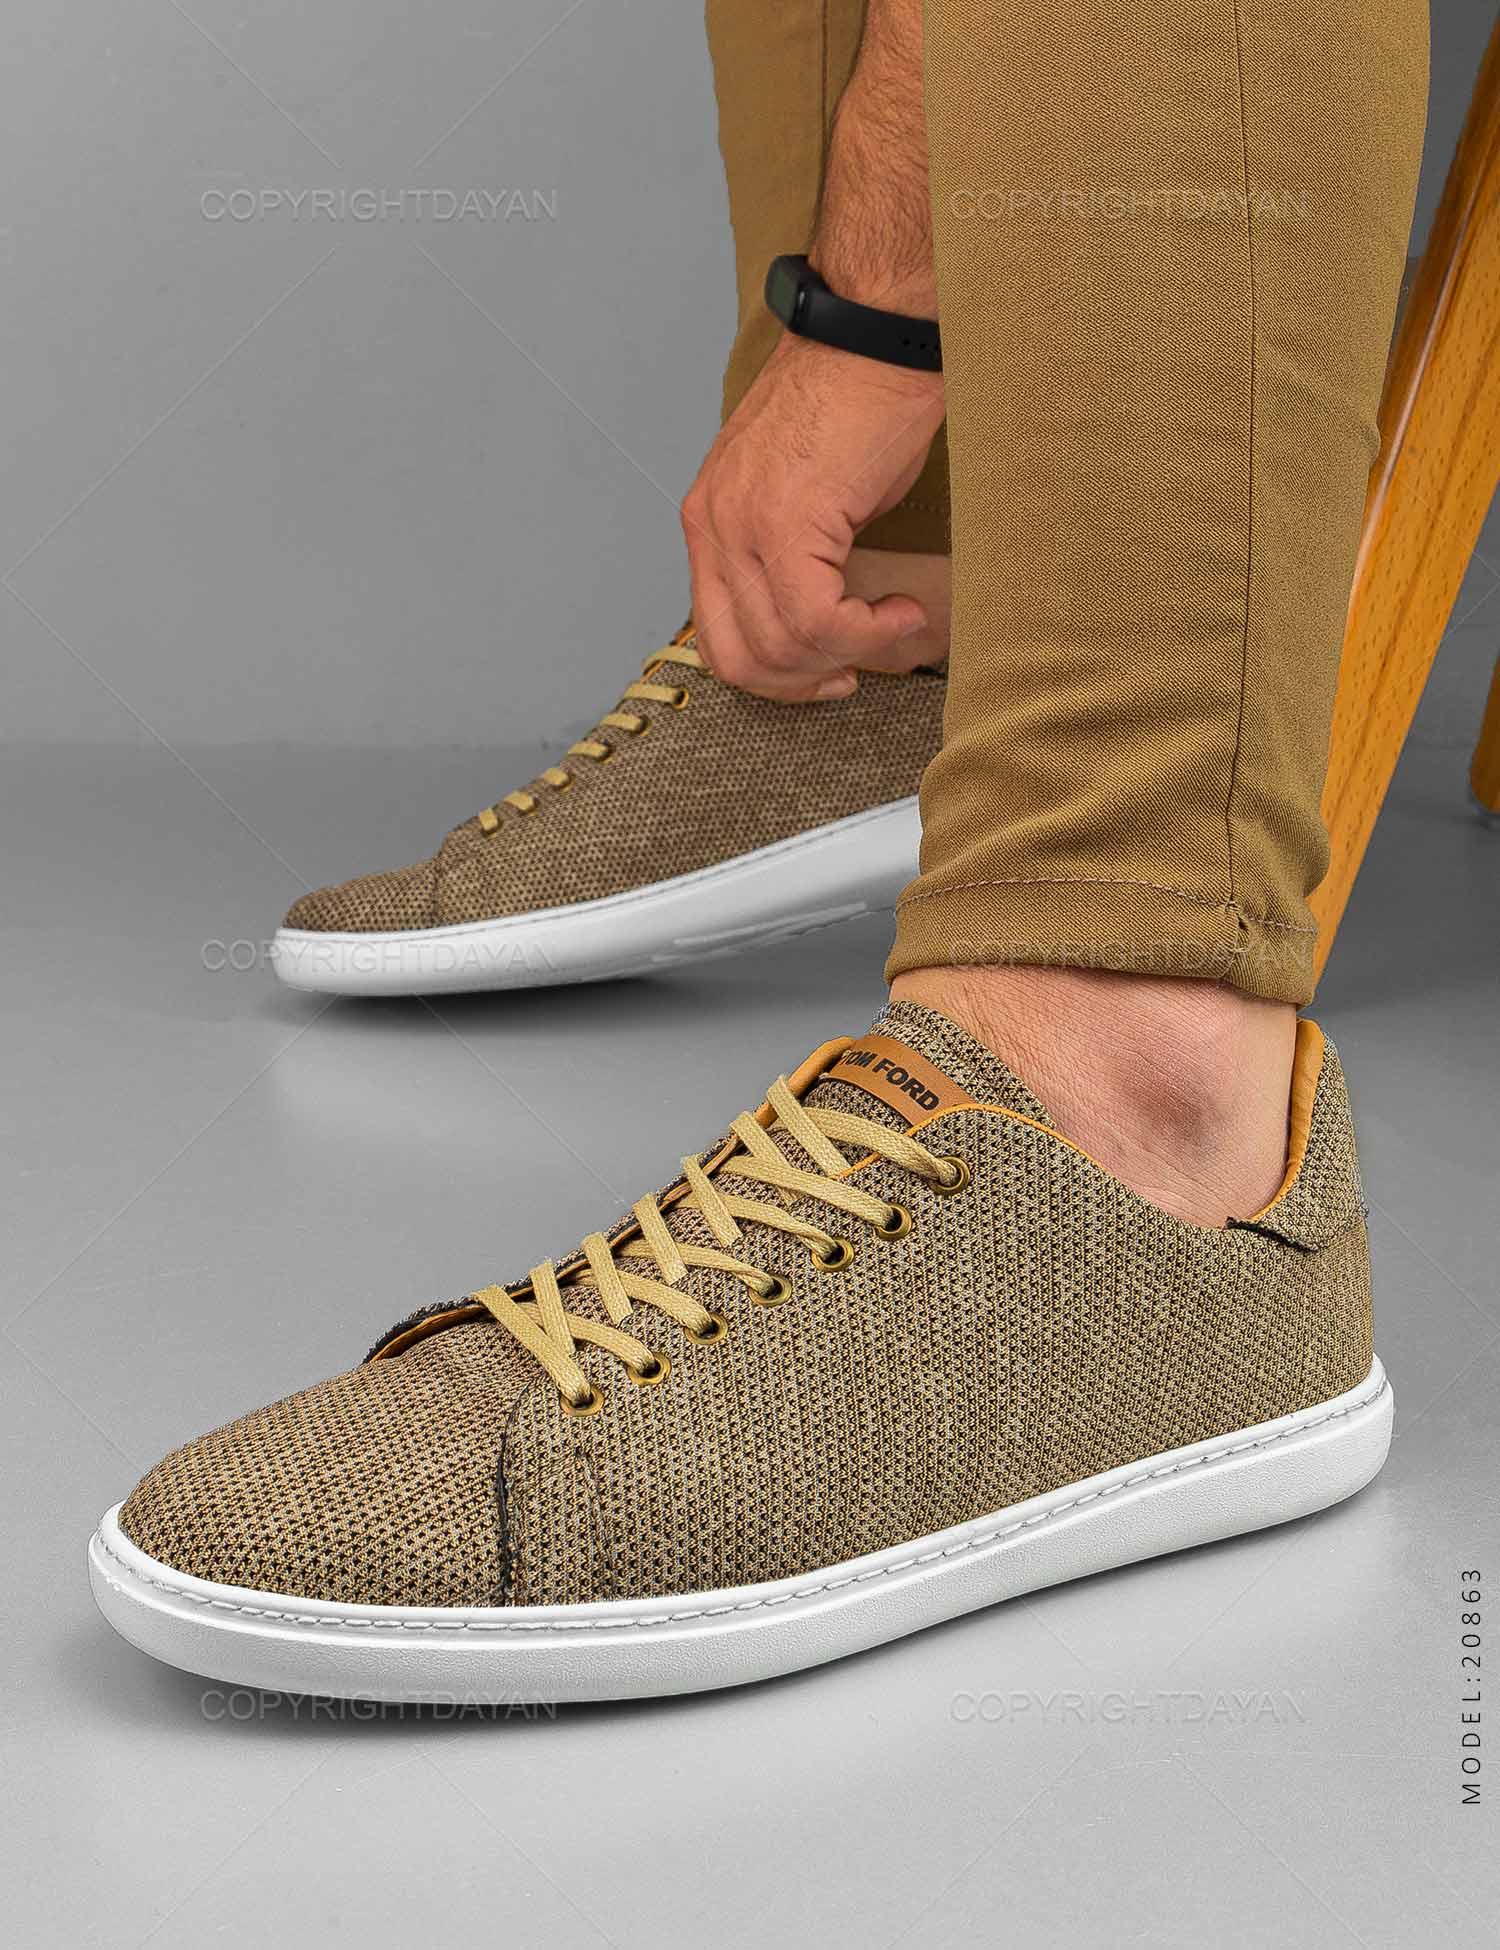 کفش مردانه Marlon مدل 20863 کفش مردانه Marlon مدل 20863 249,000 تومان